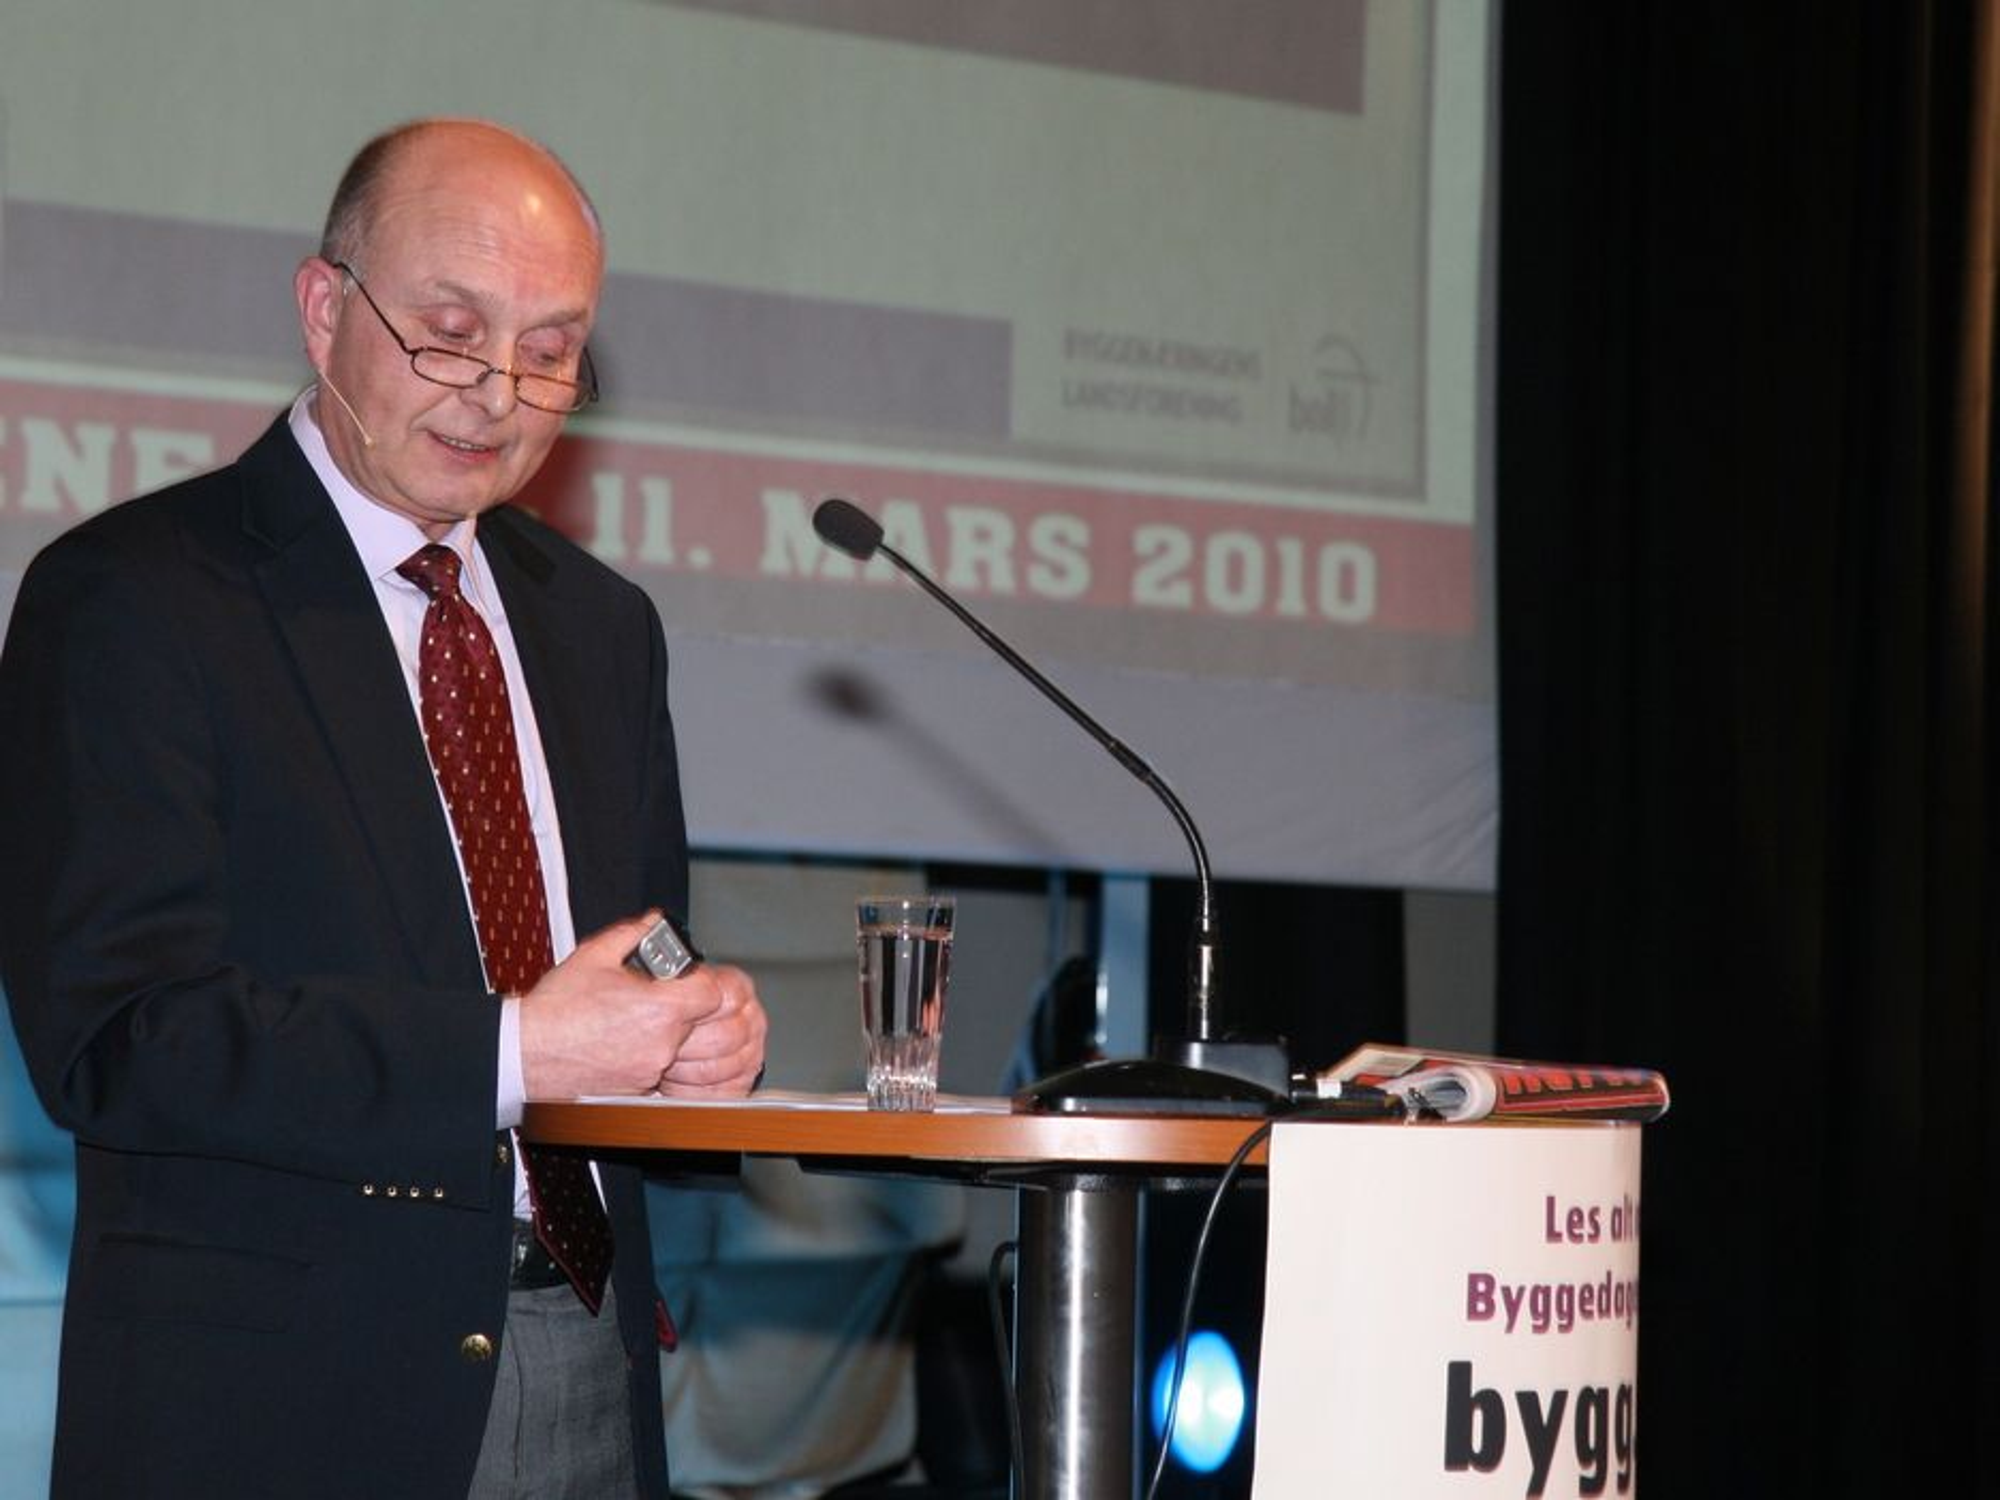 KRITISK: Ketil Lyng, administrerende direktør i BNL uttalte seg sterkt kritisk til offentlige budsjetteringsrutiner i sin åpningstale under Byggedagene 2010